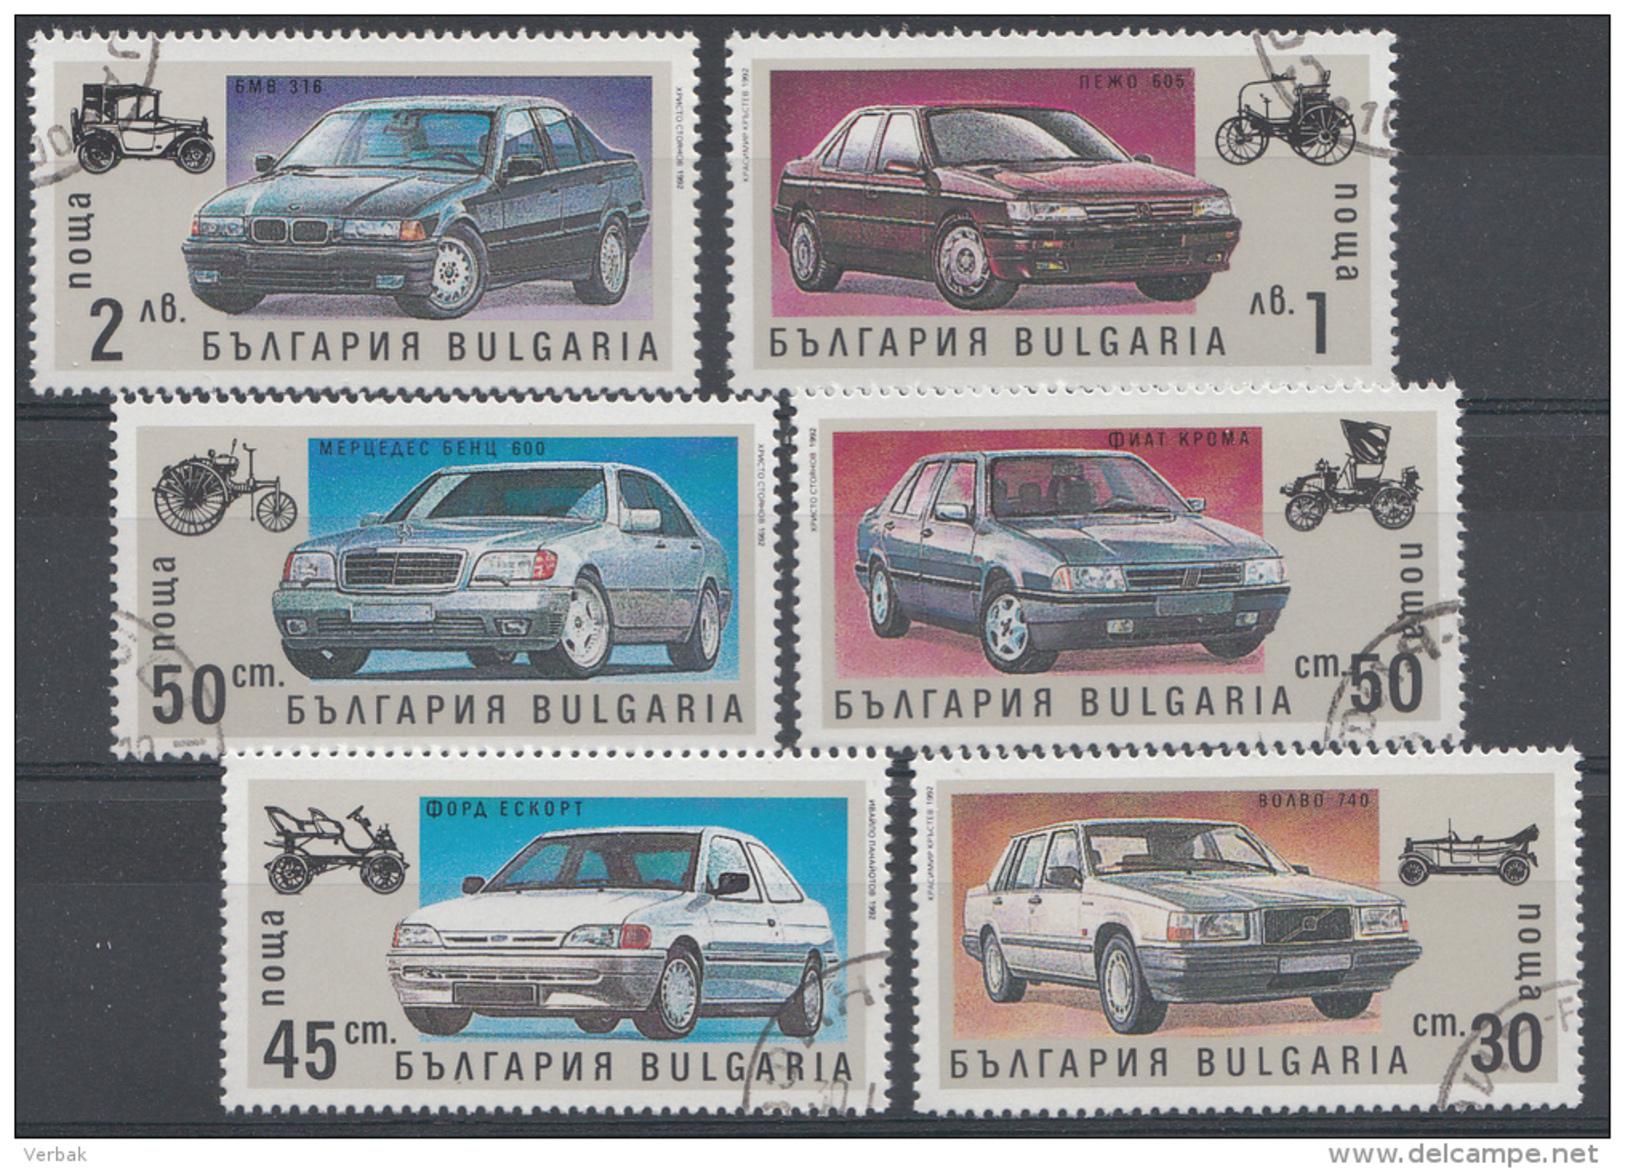 BULGARIEN / BULGARIJE MI.NR.3968-3973  USED / GEBRUIKT / OBLITERE 1992 - Usati